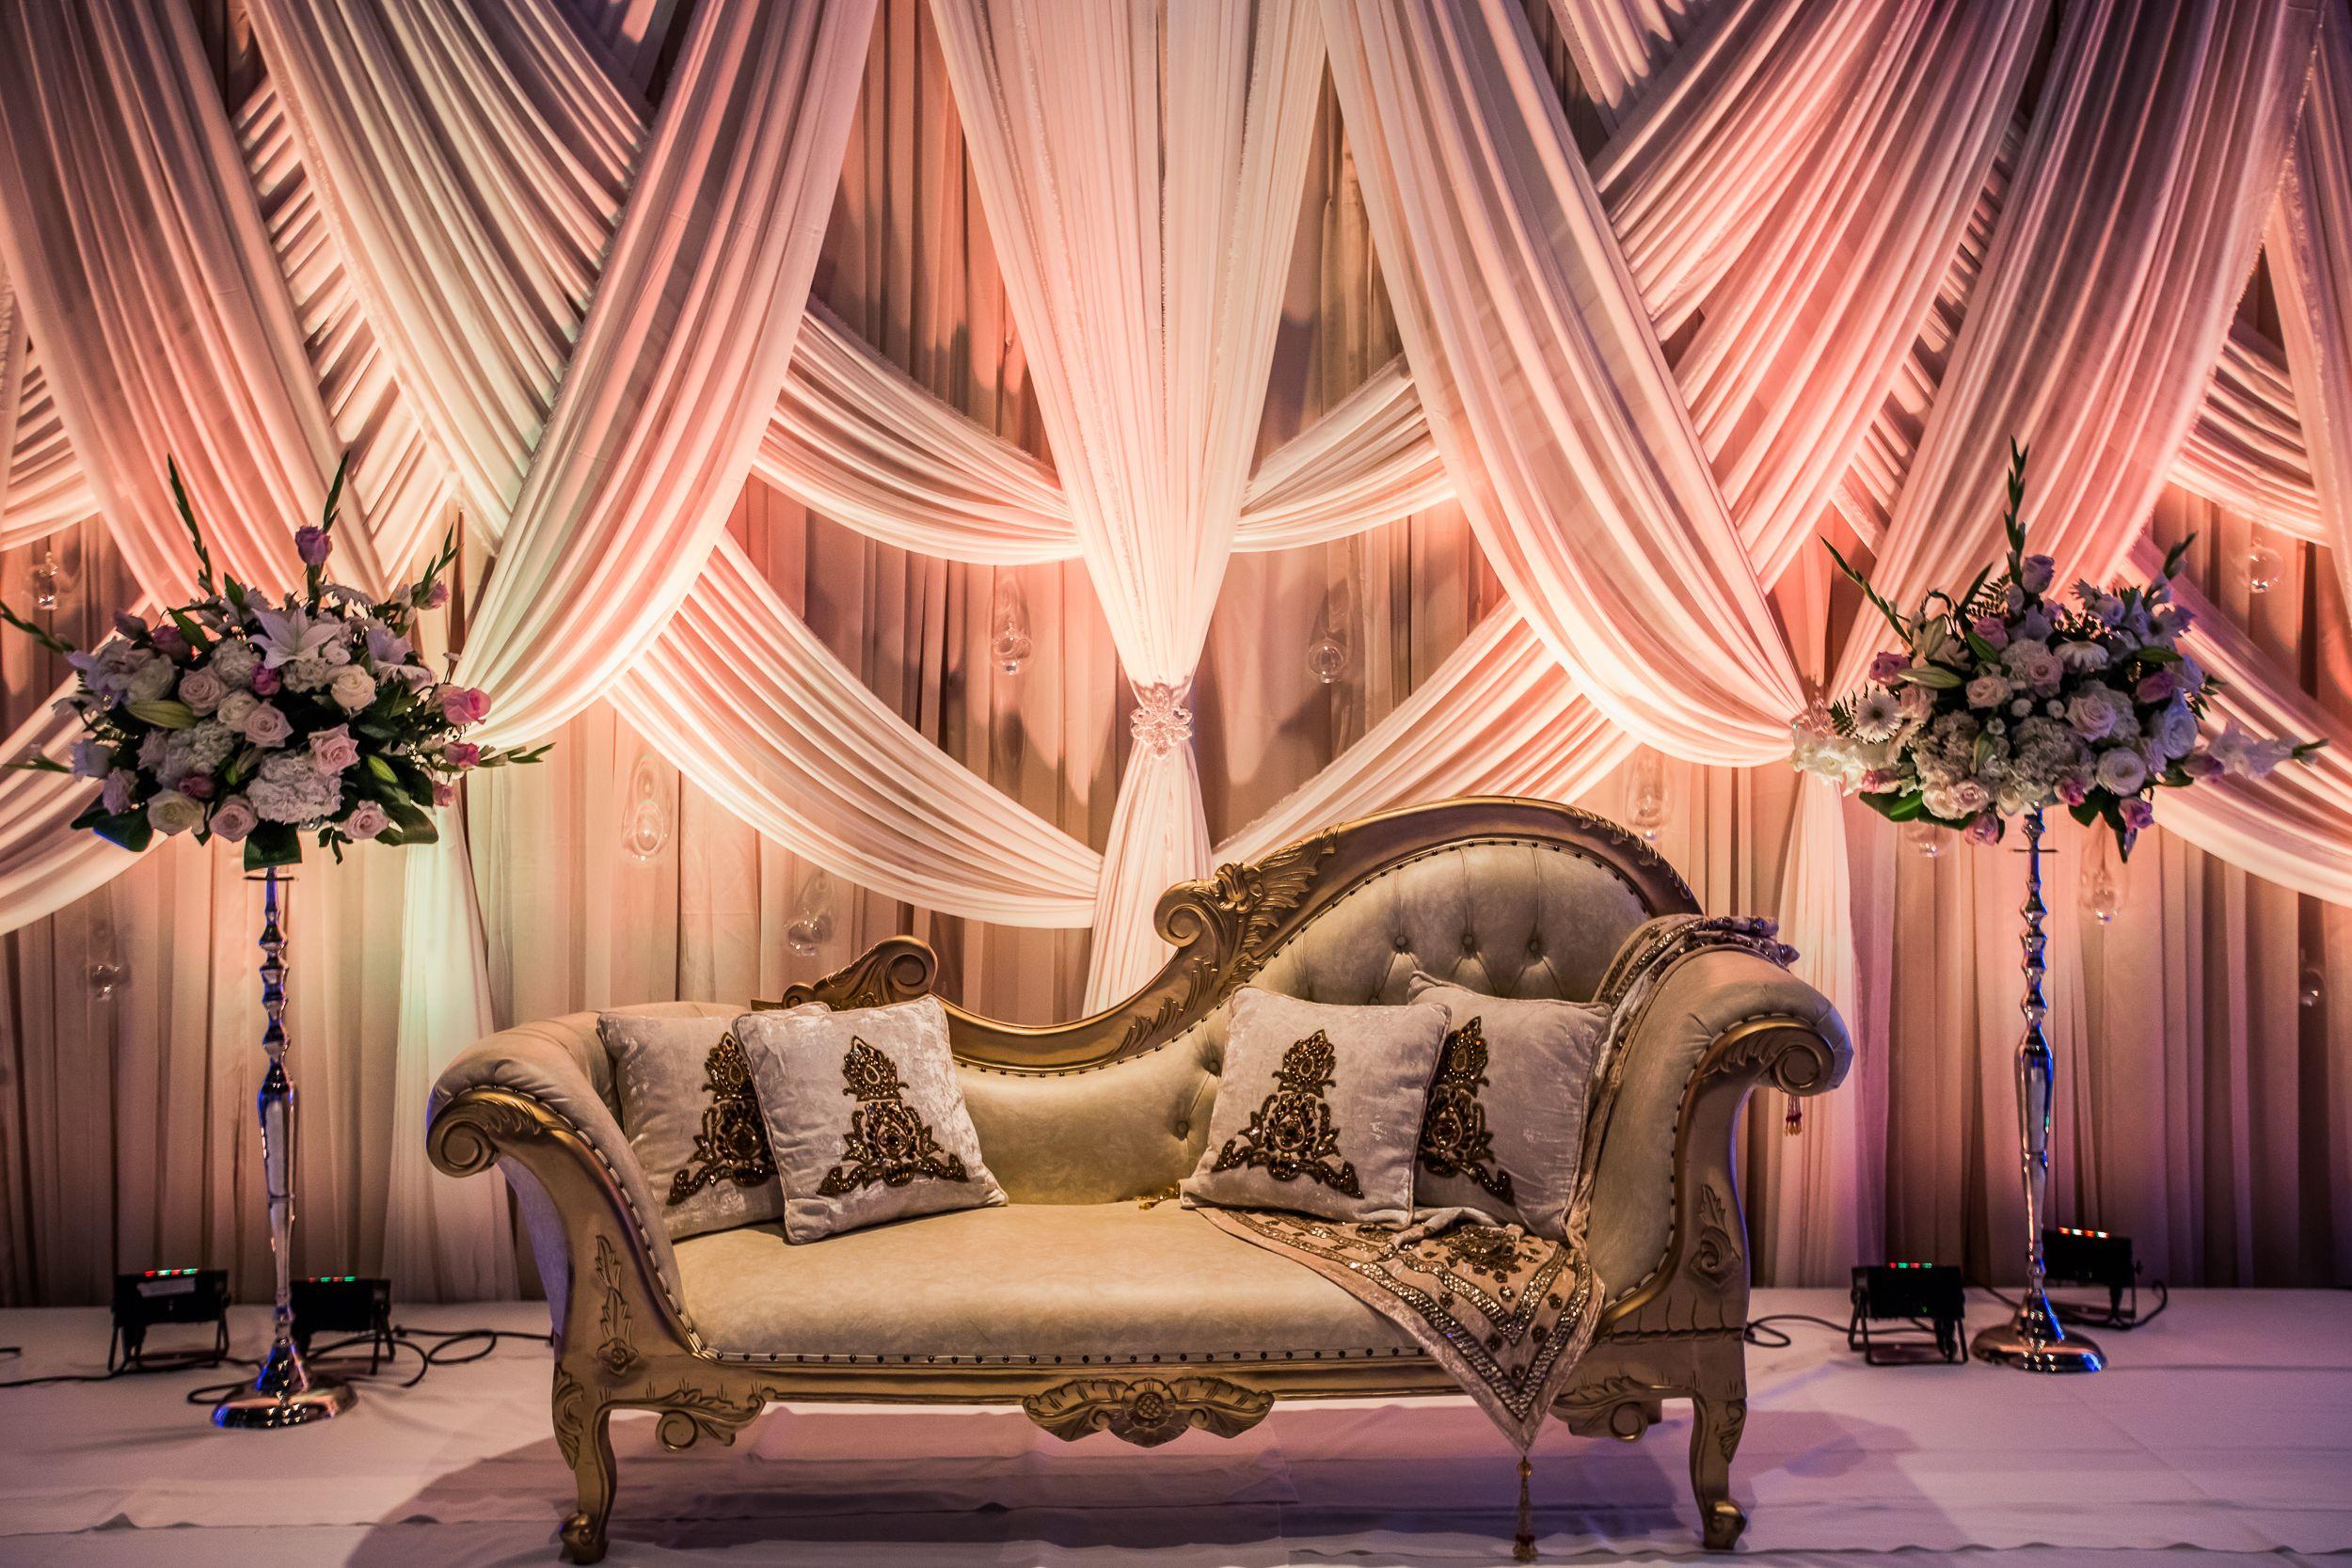 120 best kosha wedding stage images on pinterest wedding 120 best kosha wedding stage images on pinterest wedding reception venues wedding stage and backdrop wedding junglespirit Images